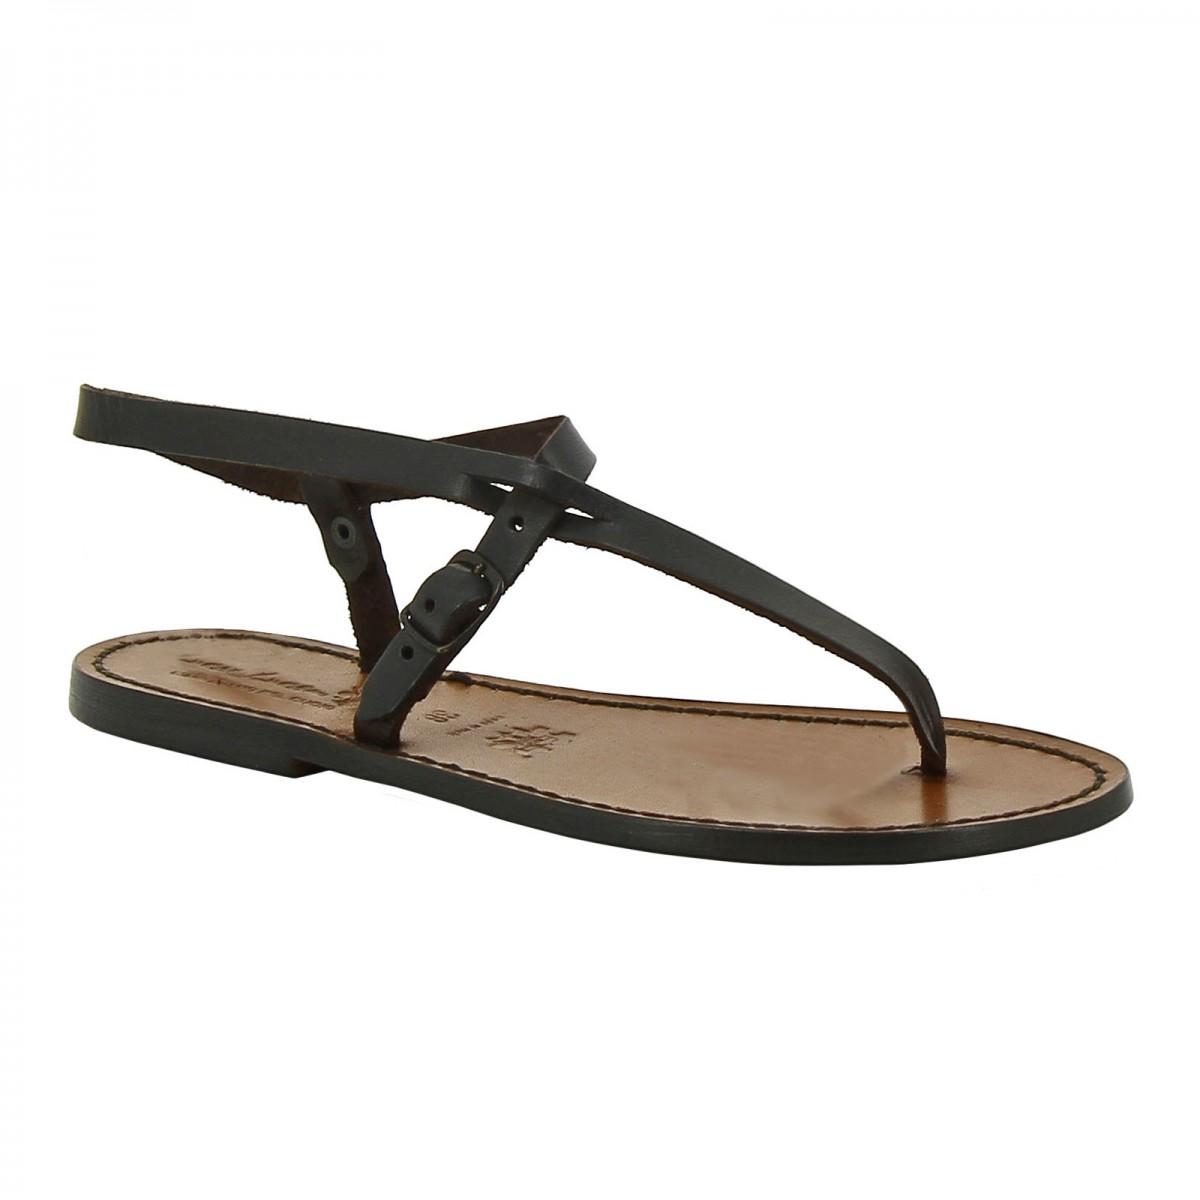 disponibilità nel Regno Unito migliore elegante Sandali infradito artigianali da donna in pelle marrone